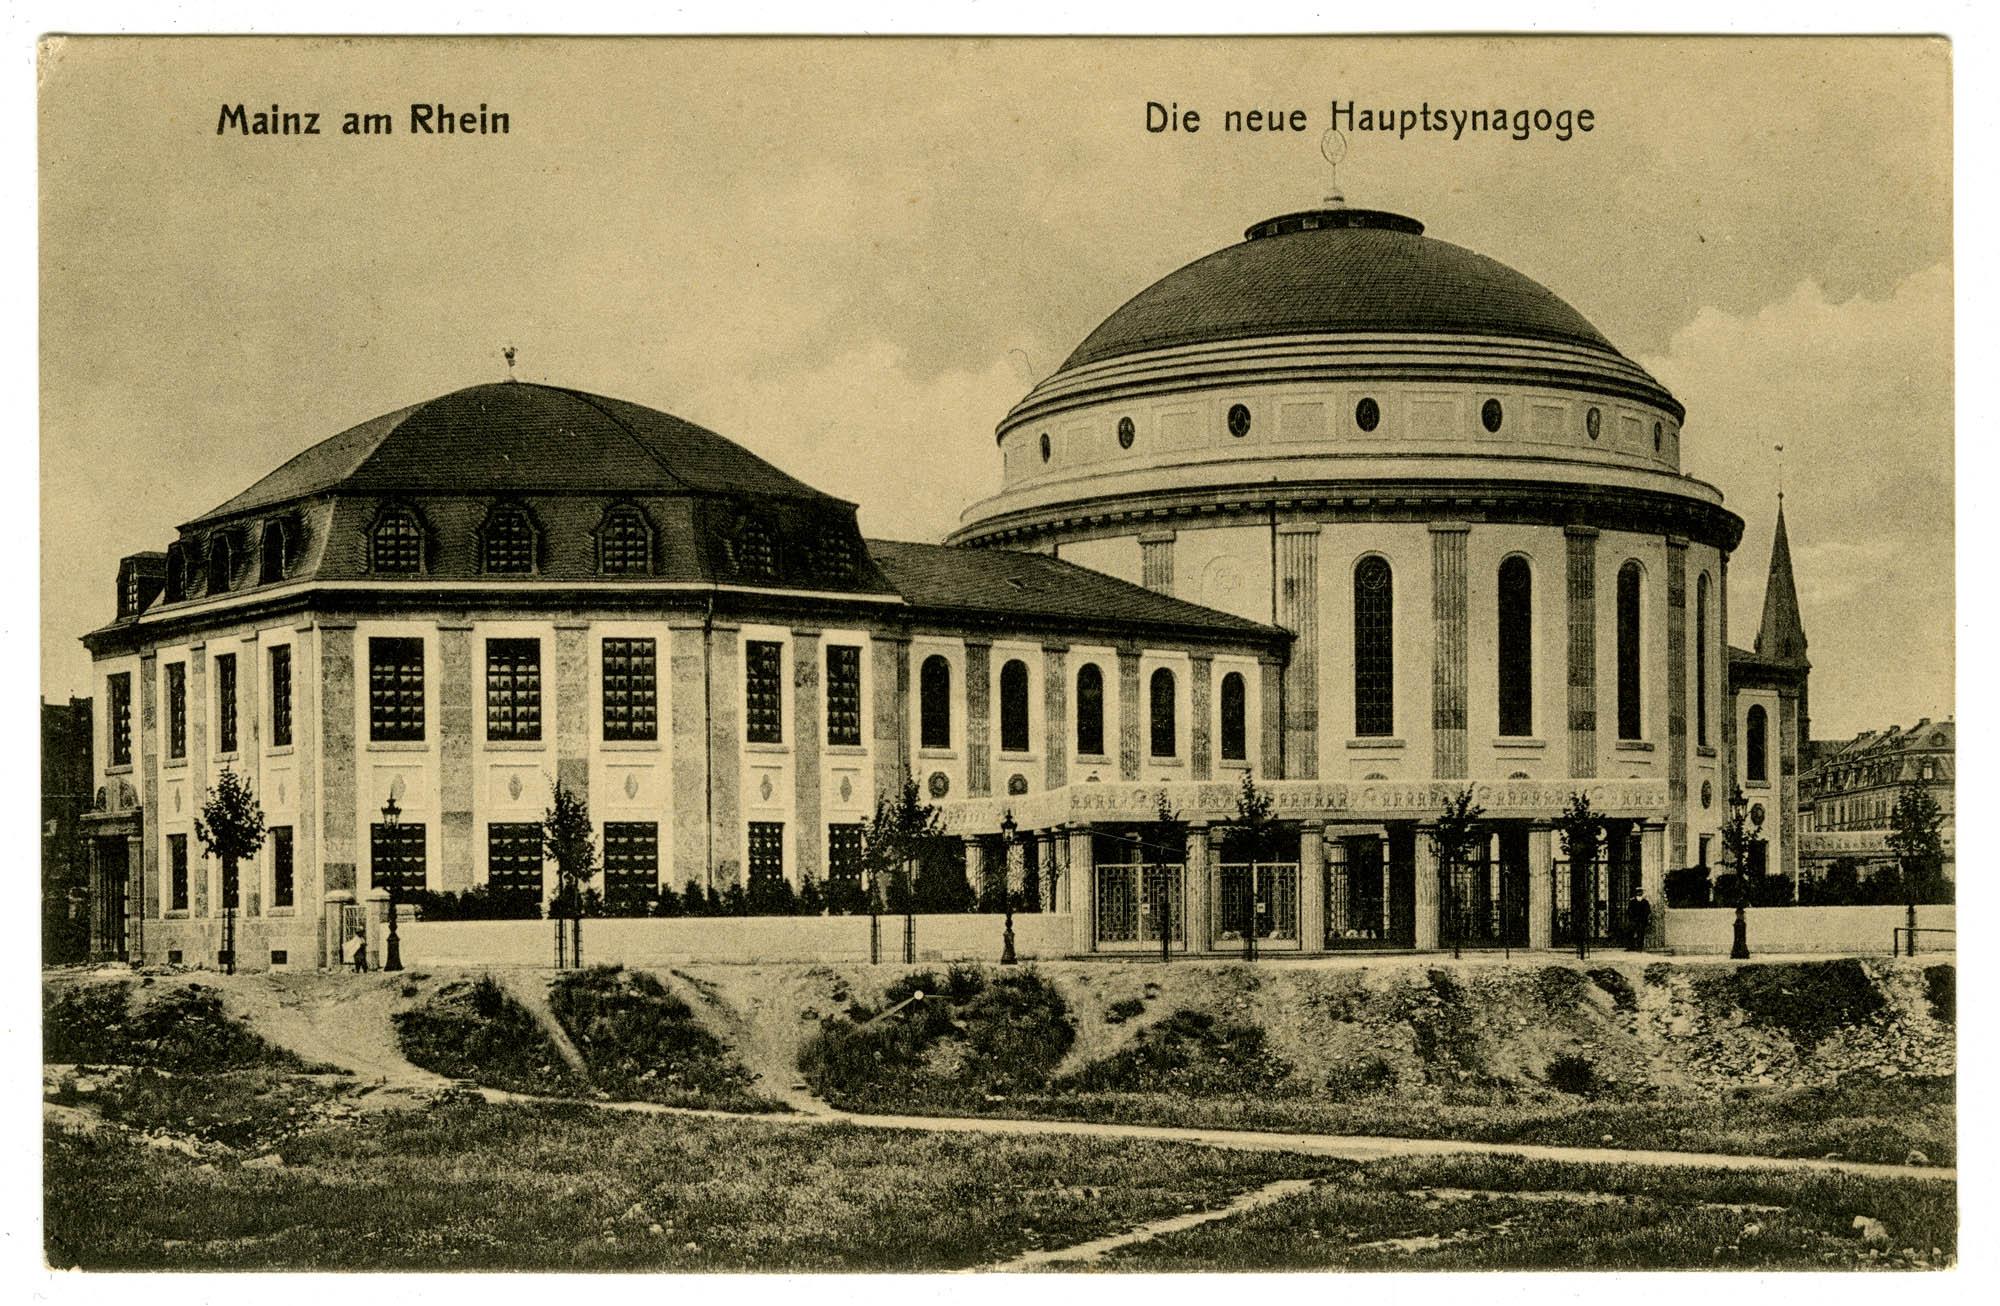 Mainz am Rhein, Die neue Hauptsynagoge